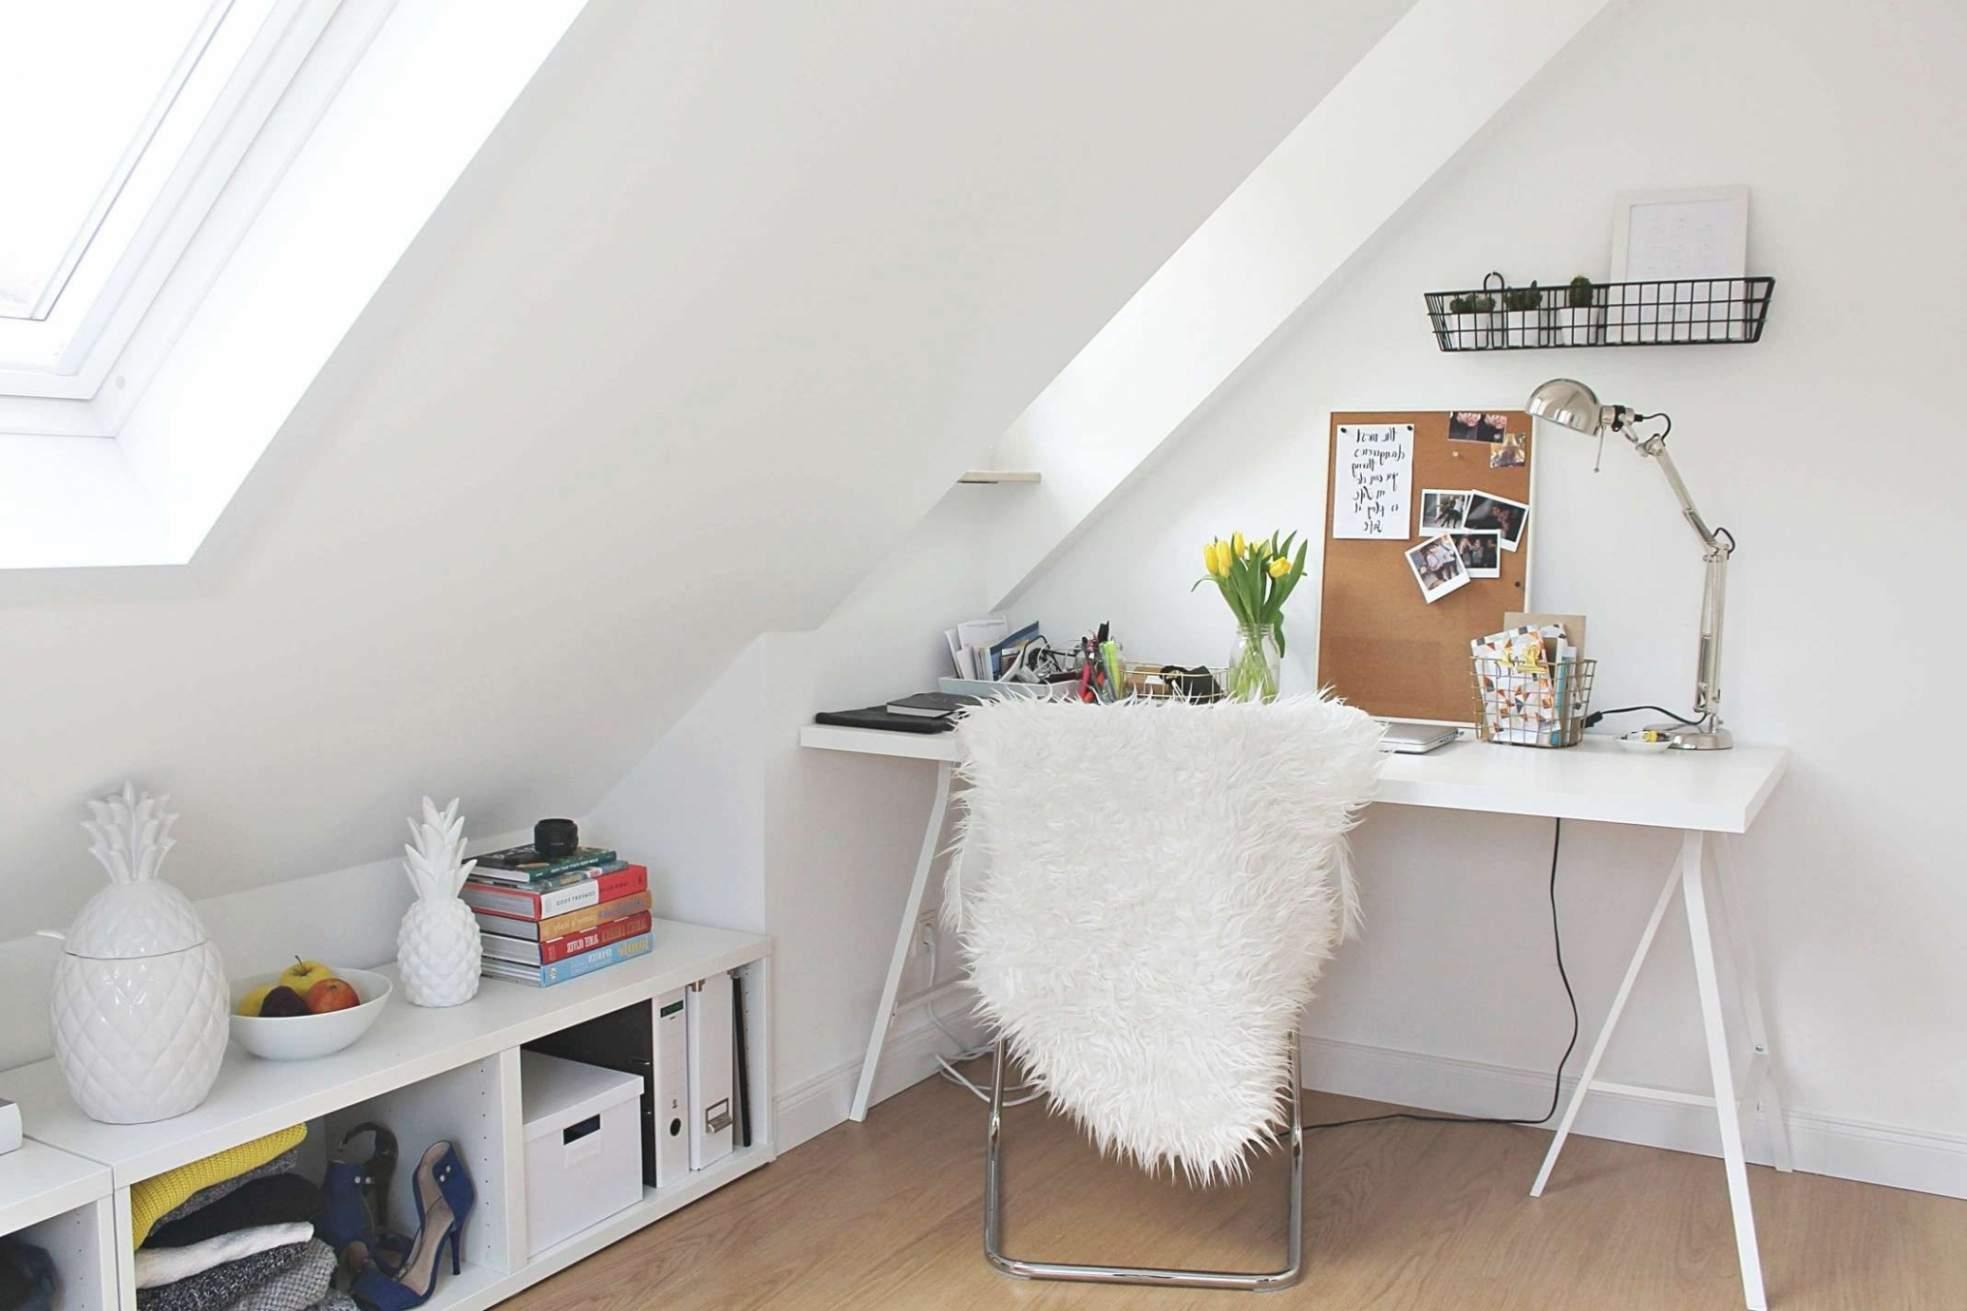 schreibtisch fur jugendzimmer yct projekte dachschragen dekorieren womit dachschragen dekorieren womit